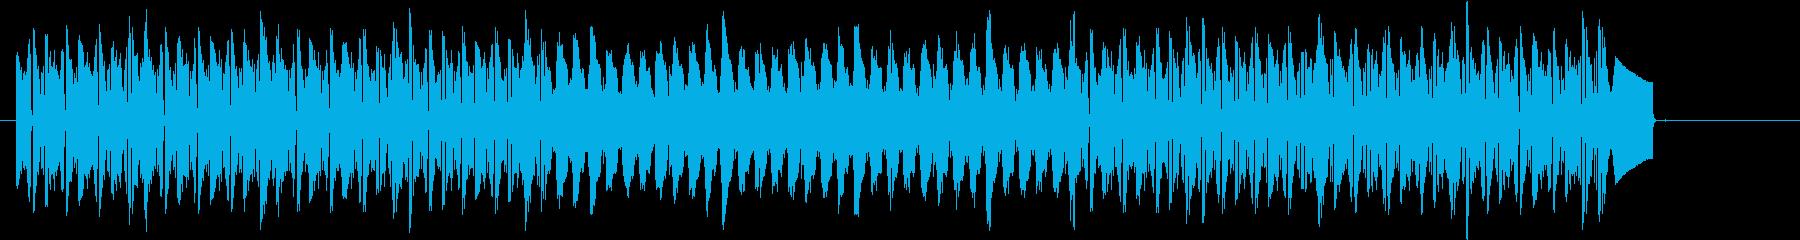 リズミカルなトランスBGMの再生済みの波形